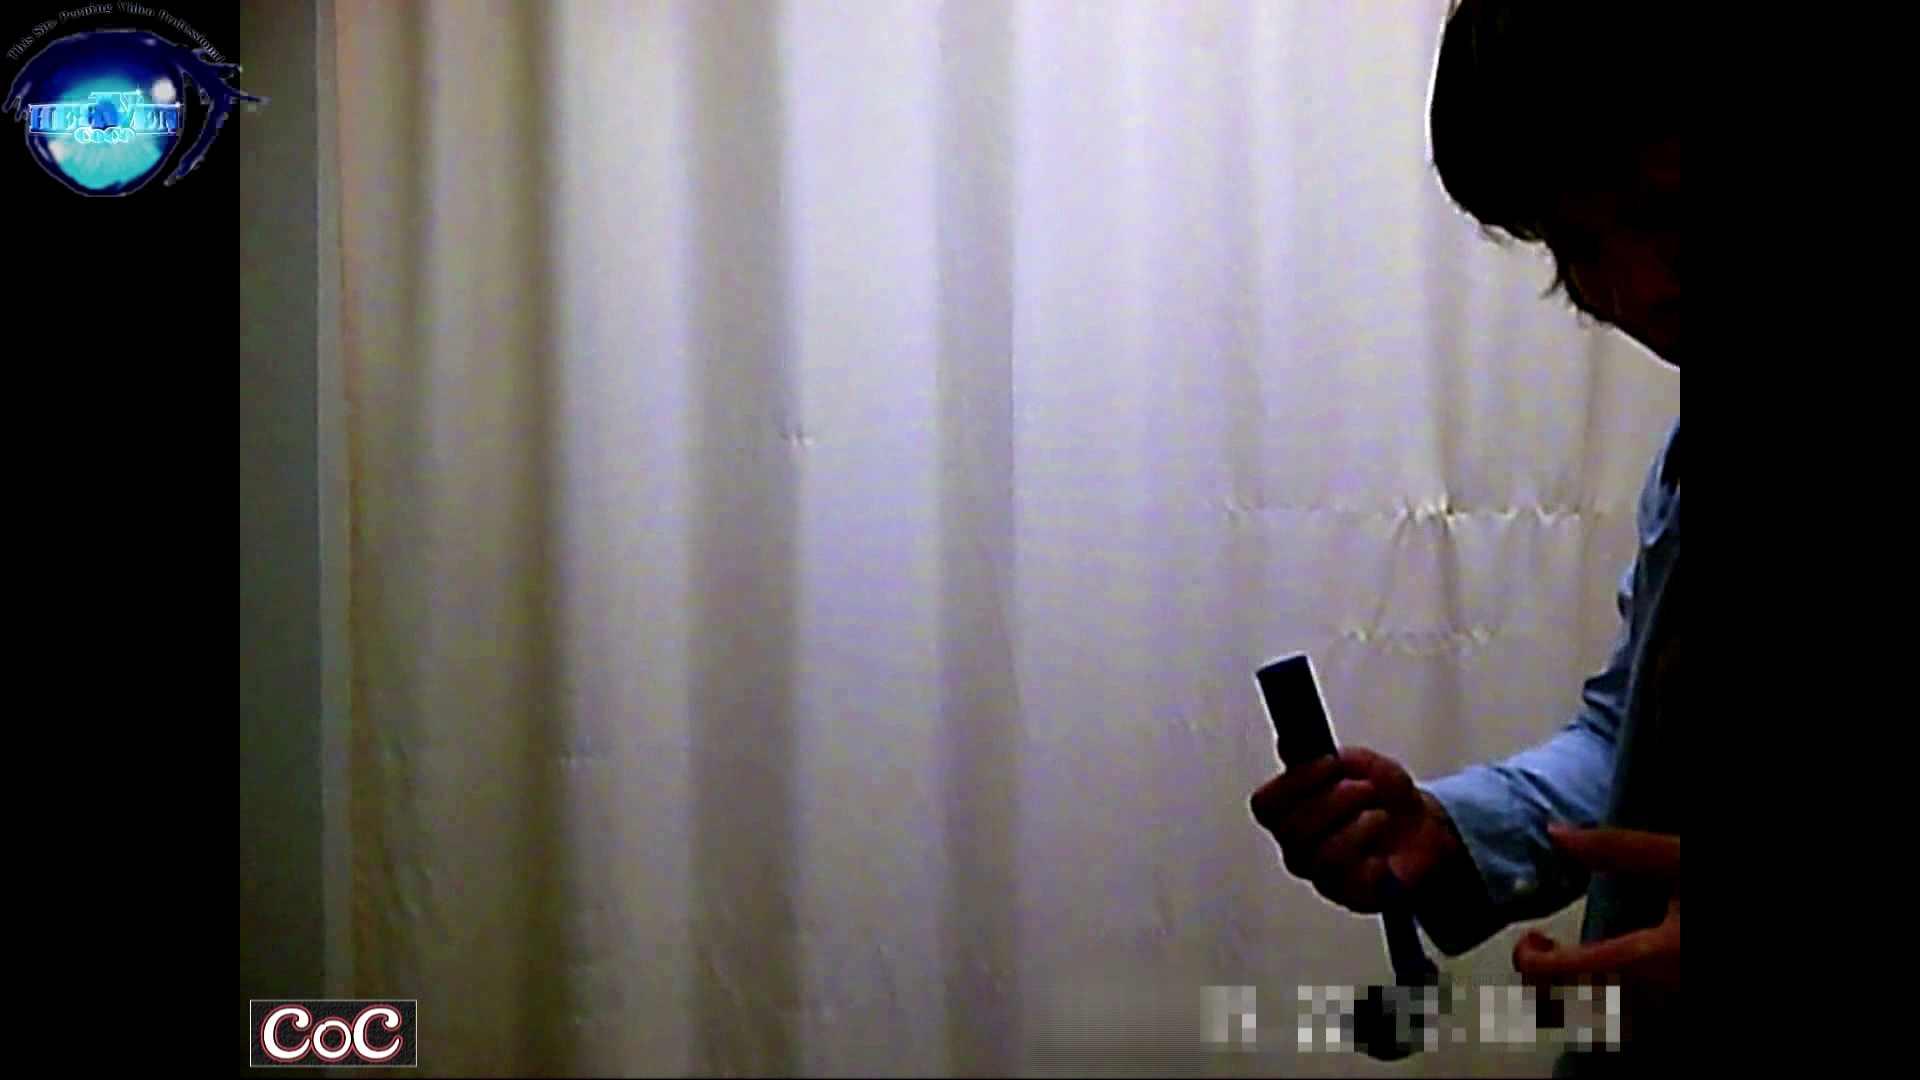 激ヤバ健康診断!着替えの一部始終.vol.32※本編ボカシ・目線無し OLエロ画像 | ギャルエロ画像  91PICs 37